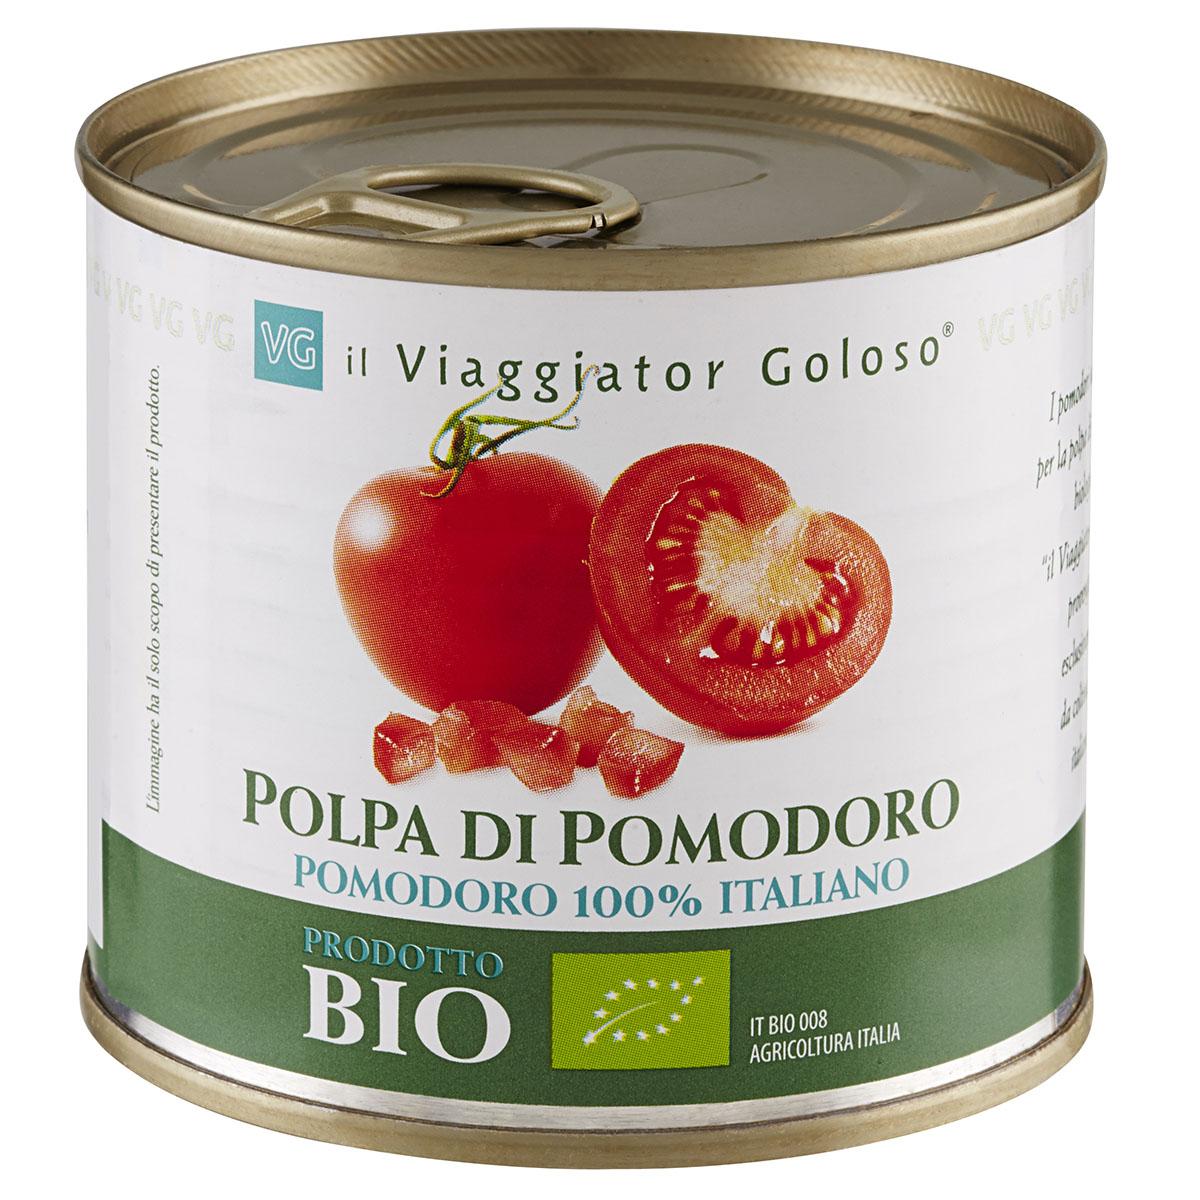 Мякоть помидорв в собственном соку Il Viaggiator Goloso